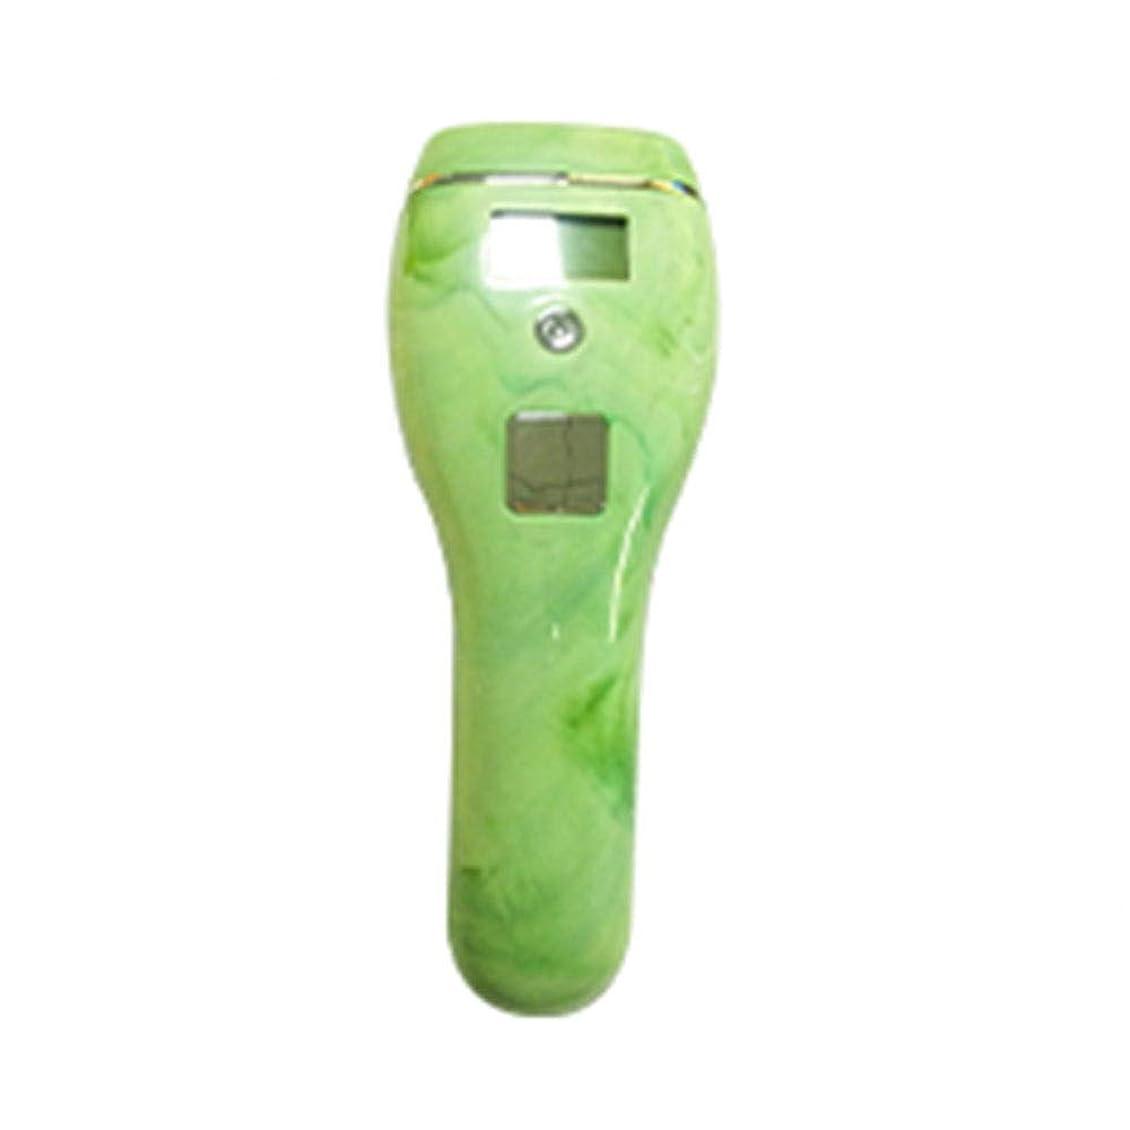 収容するスナッチオーガニックダパイ 自動肌のカラーセンシング、グリーン、5速調整、クォーツチューブ、携帯用痛みのない全身凍結乾燥用除湿器、サイズ19x7x5cm U546 (Color : Green)